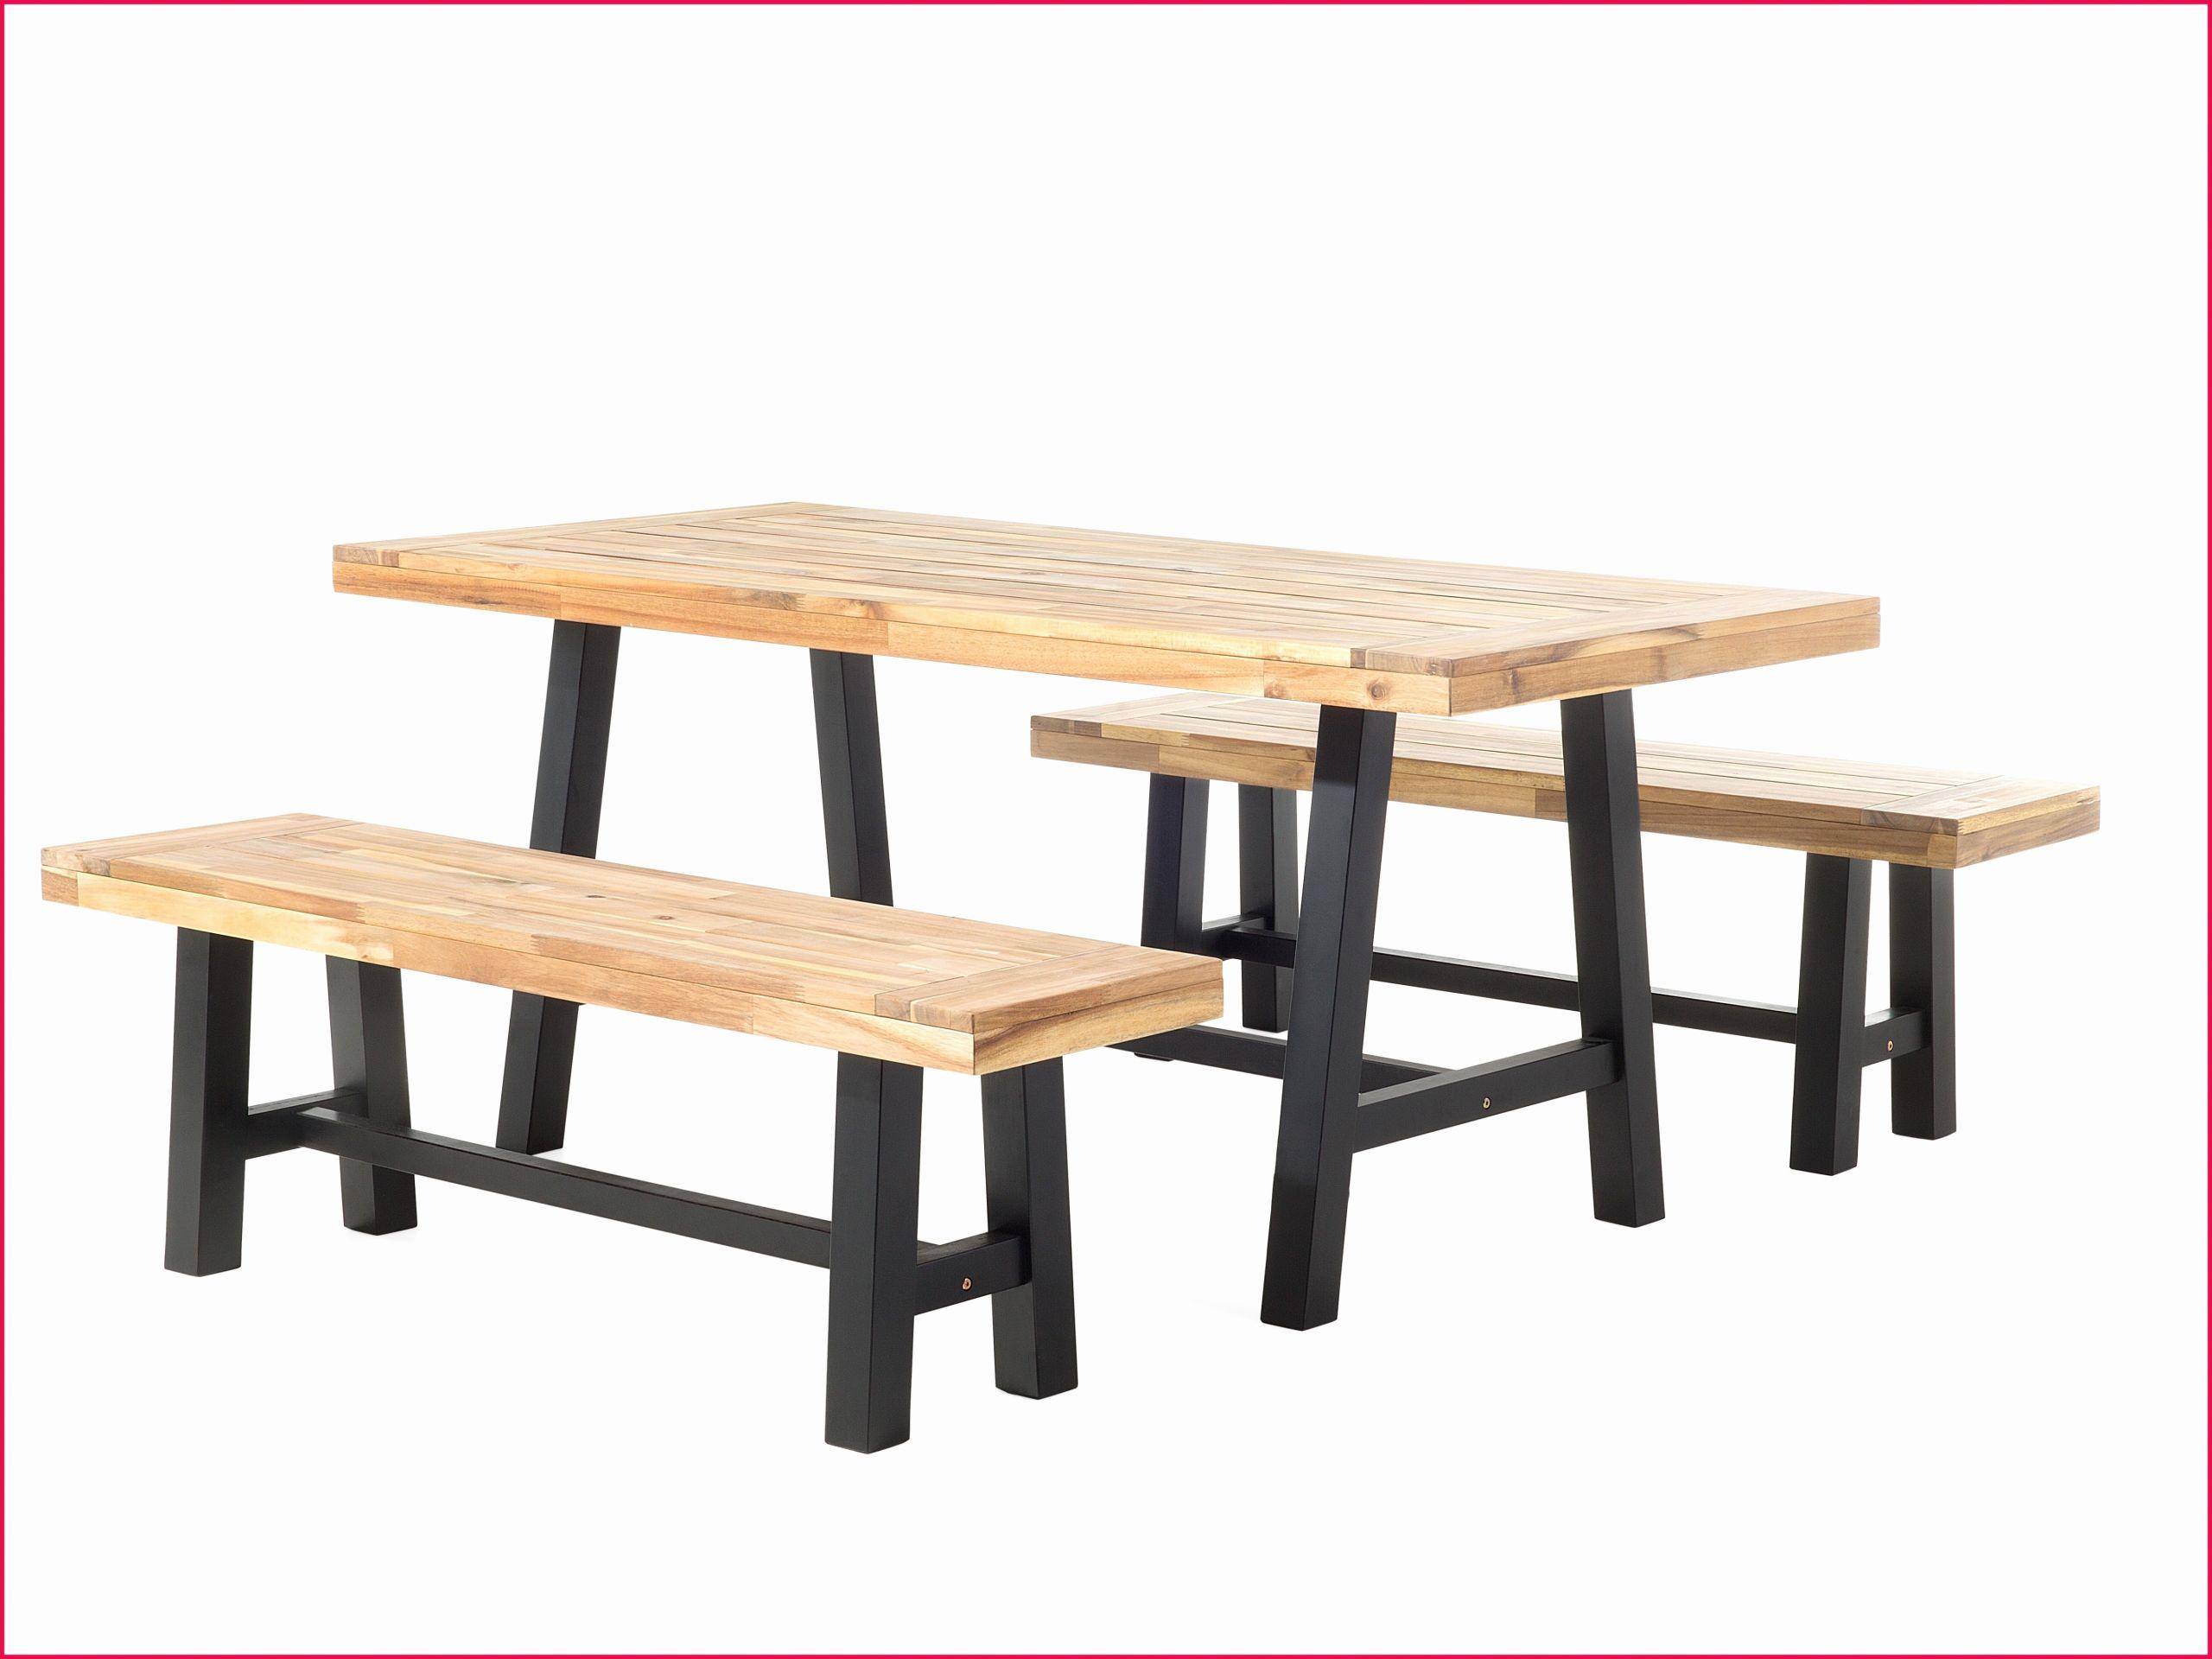 bar de terrasse exterieur best of fabriquer un salon de jardin en bois inspire luxe fabriquer de bar de terrasse exterieur scaled